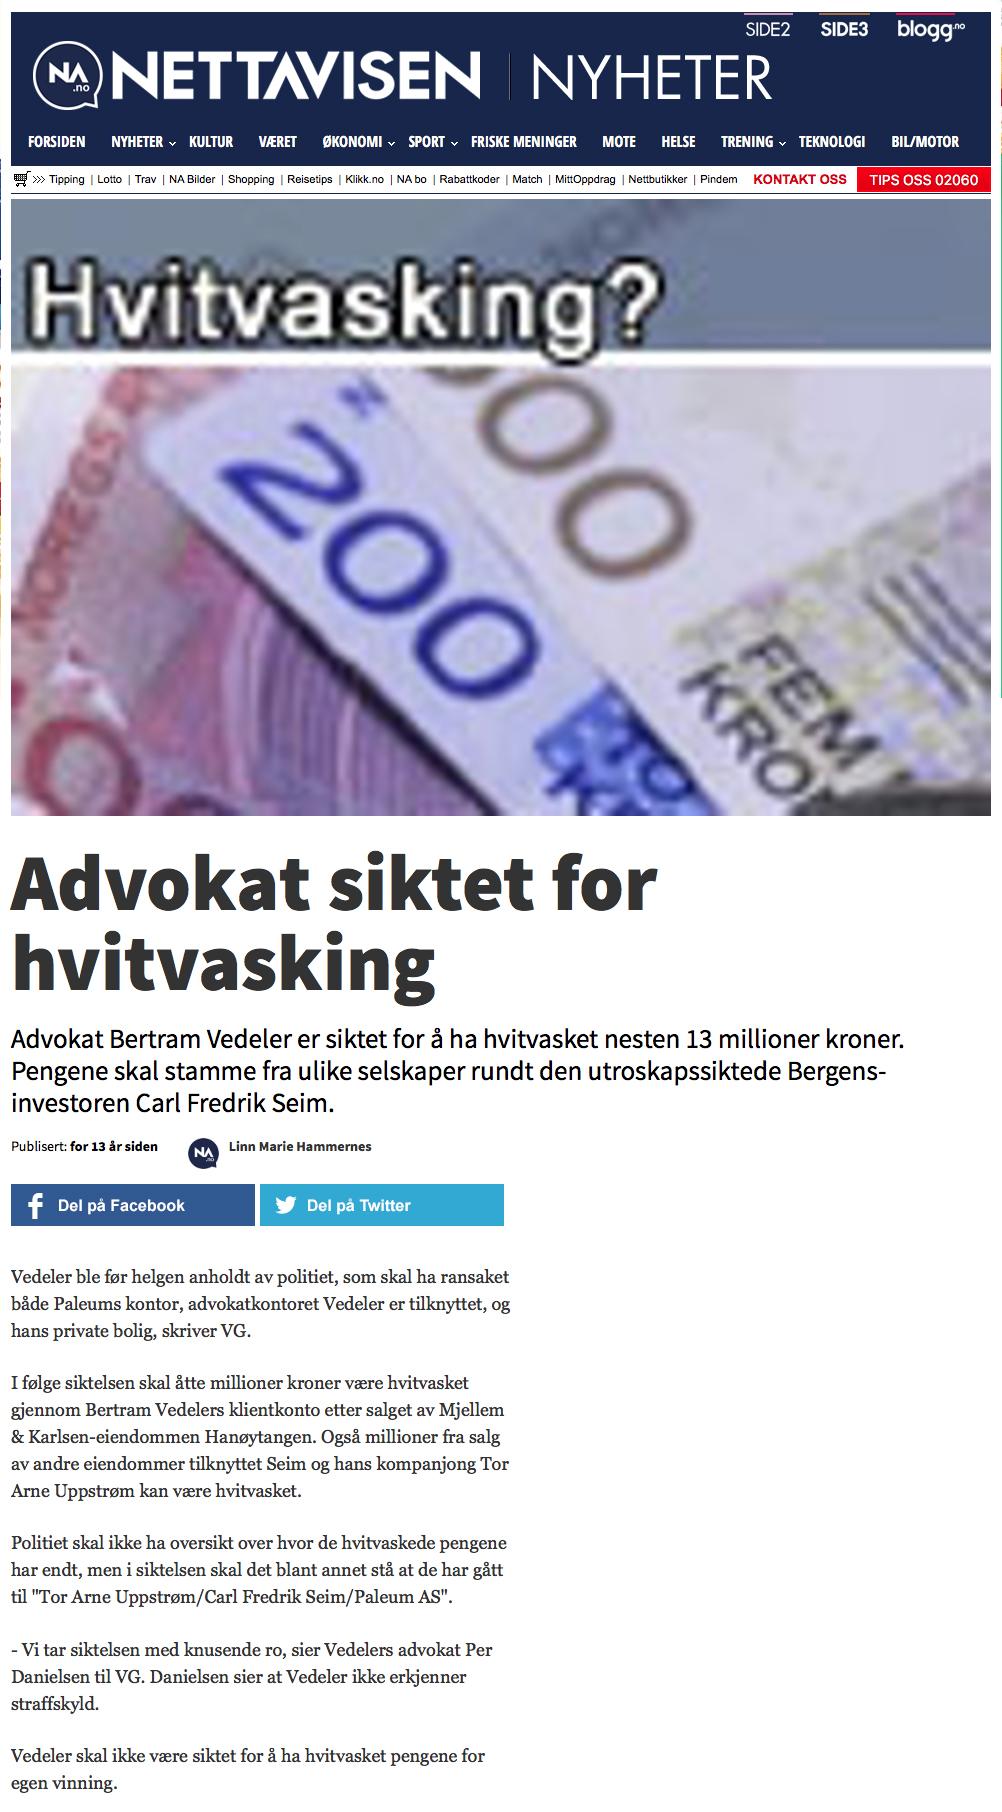 Advokat økonomisk kriminalitet. Advokat siktet for hvitvasking. Advokat Danielsen & Co. Per Danielsen.